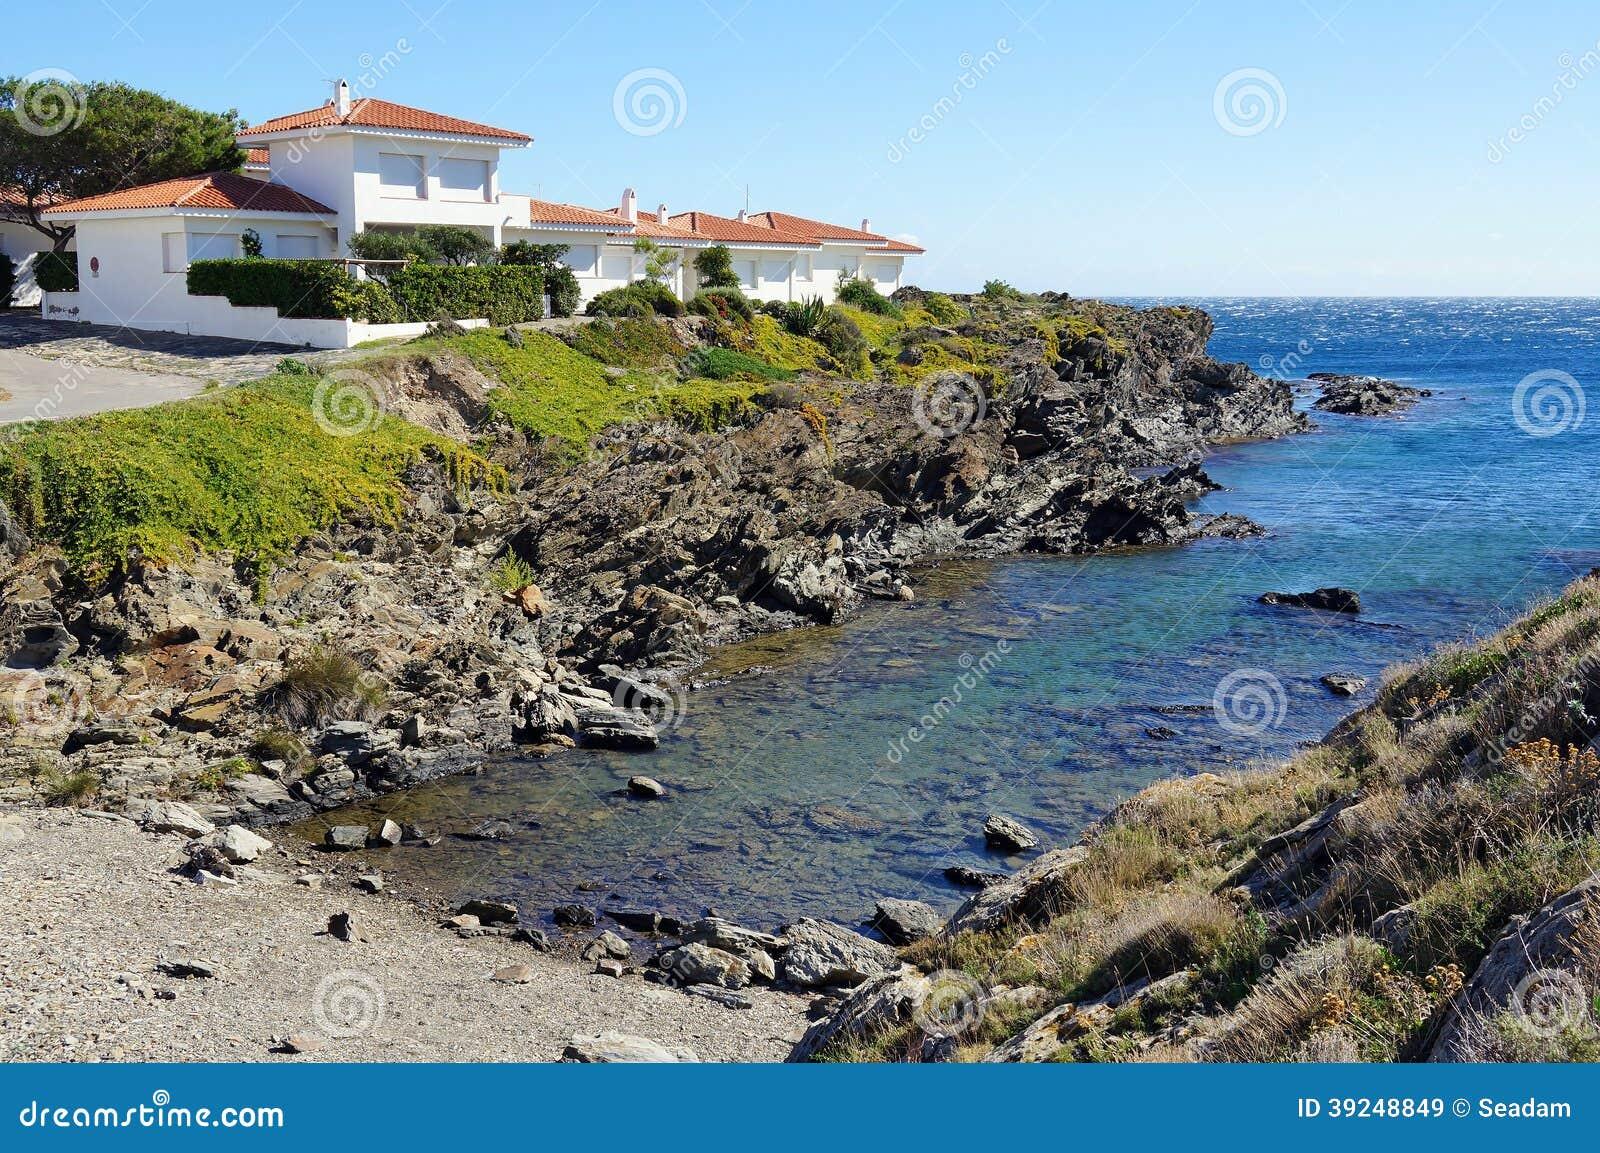 Villa de bord de mer en mer m diterran e photo stock - Villa bord de mer ...